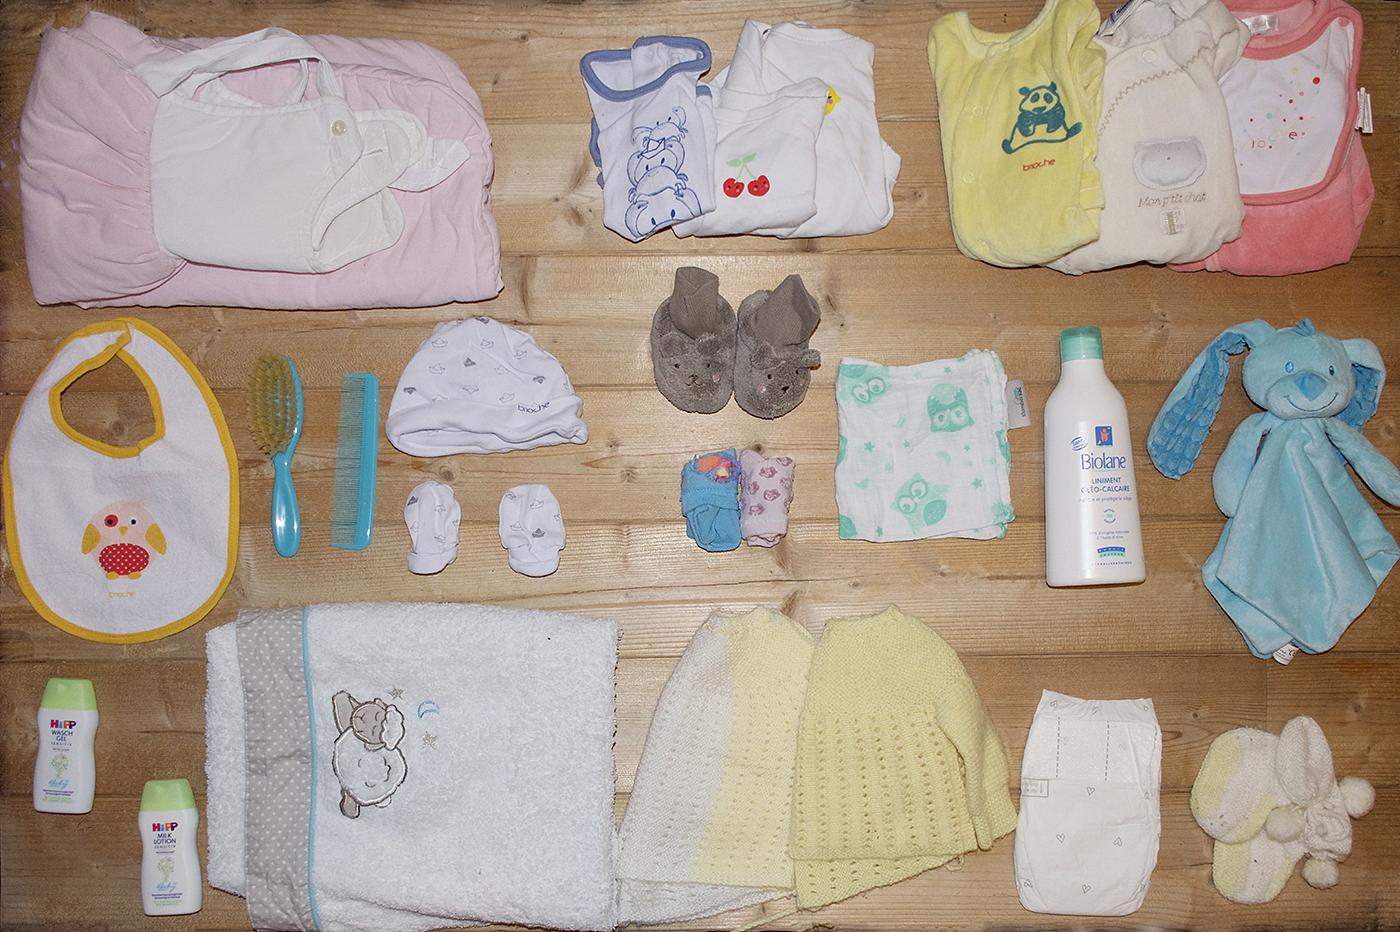 meilleure collection diversifié dans l'emballage dessin de mode I want to dream: La valise pour la maternité